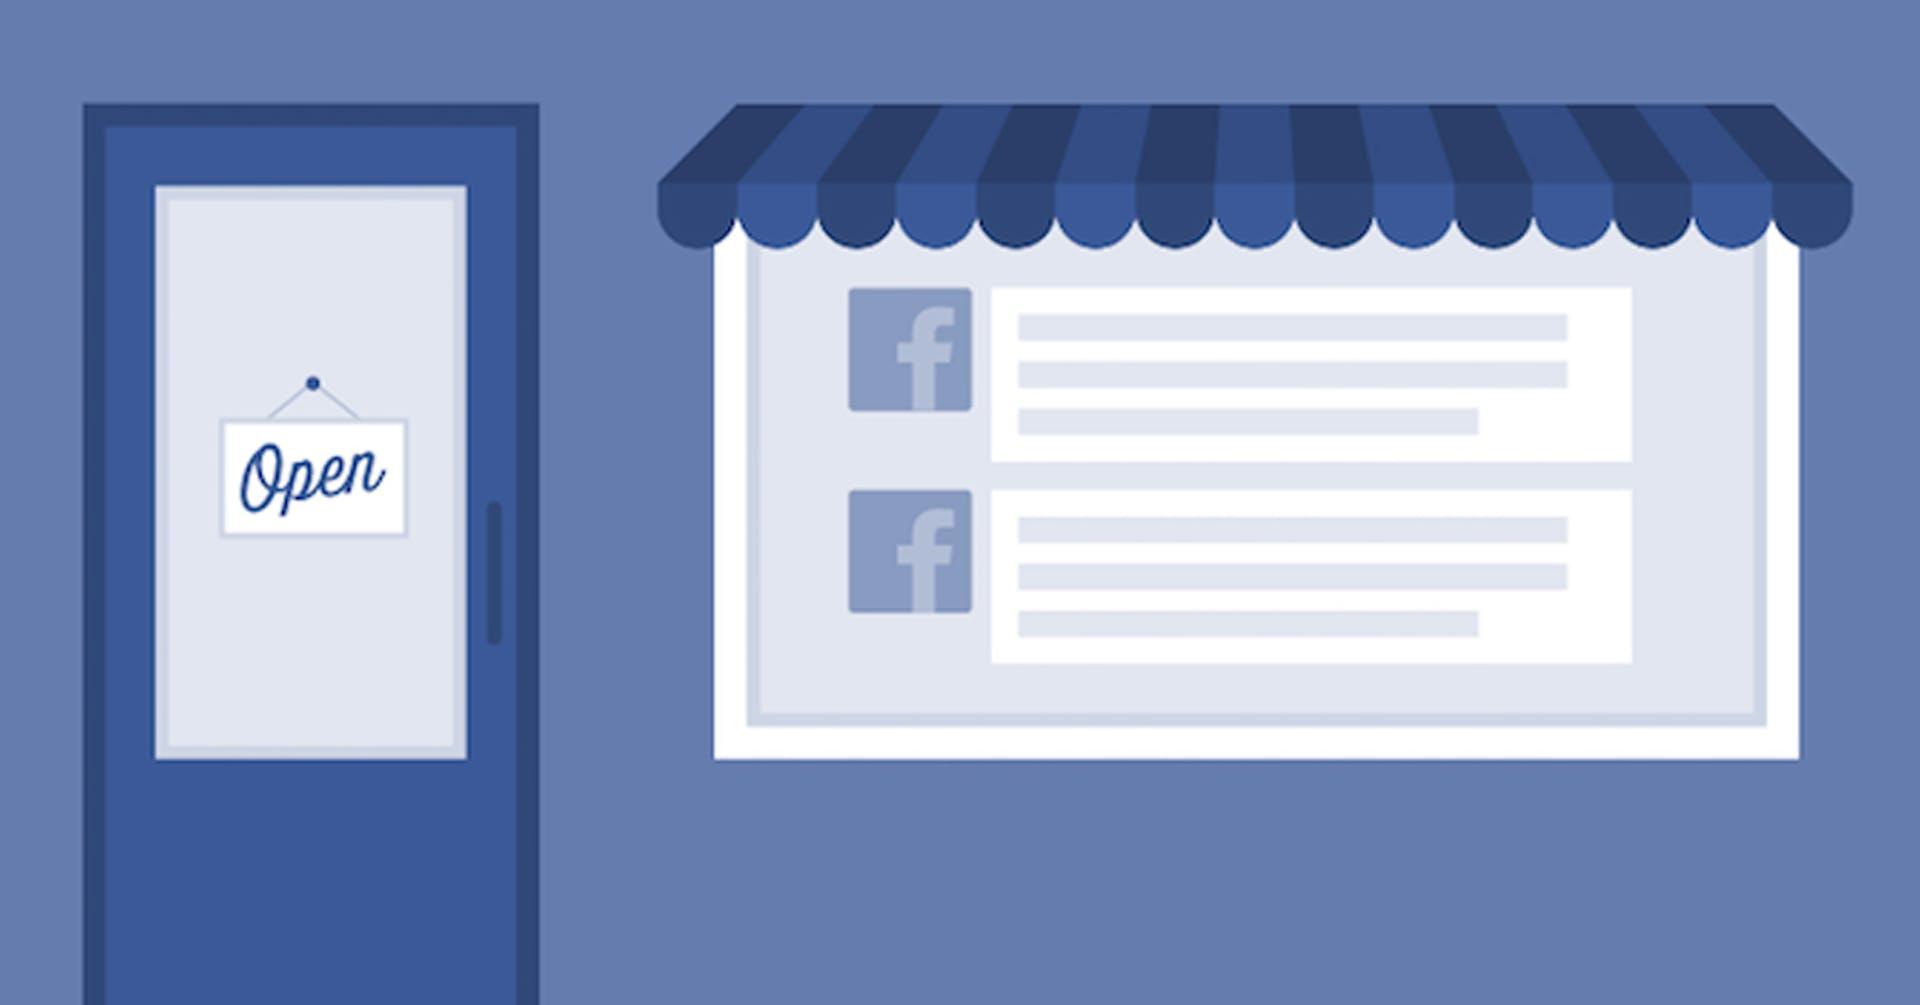 Paso a paso para saber cómo poner la ubicación de mi negocio en Facebook